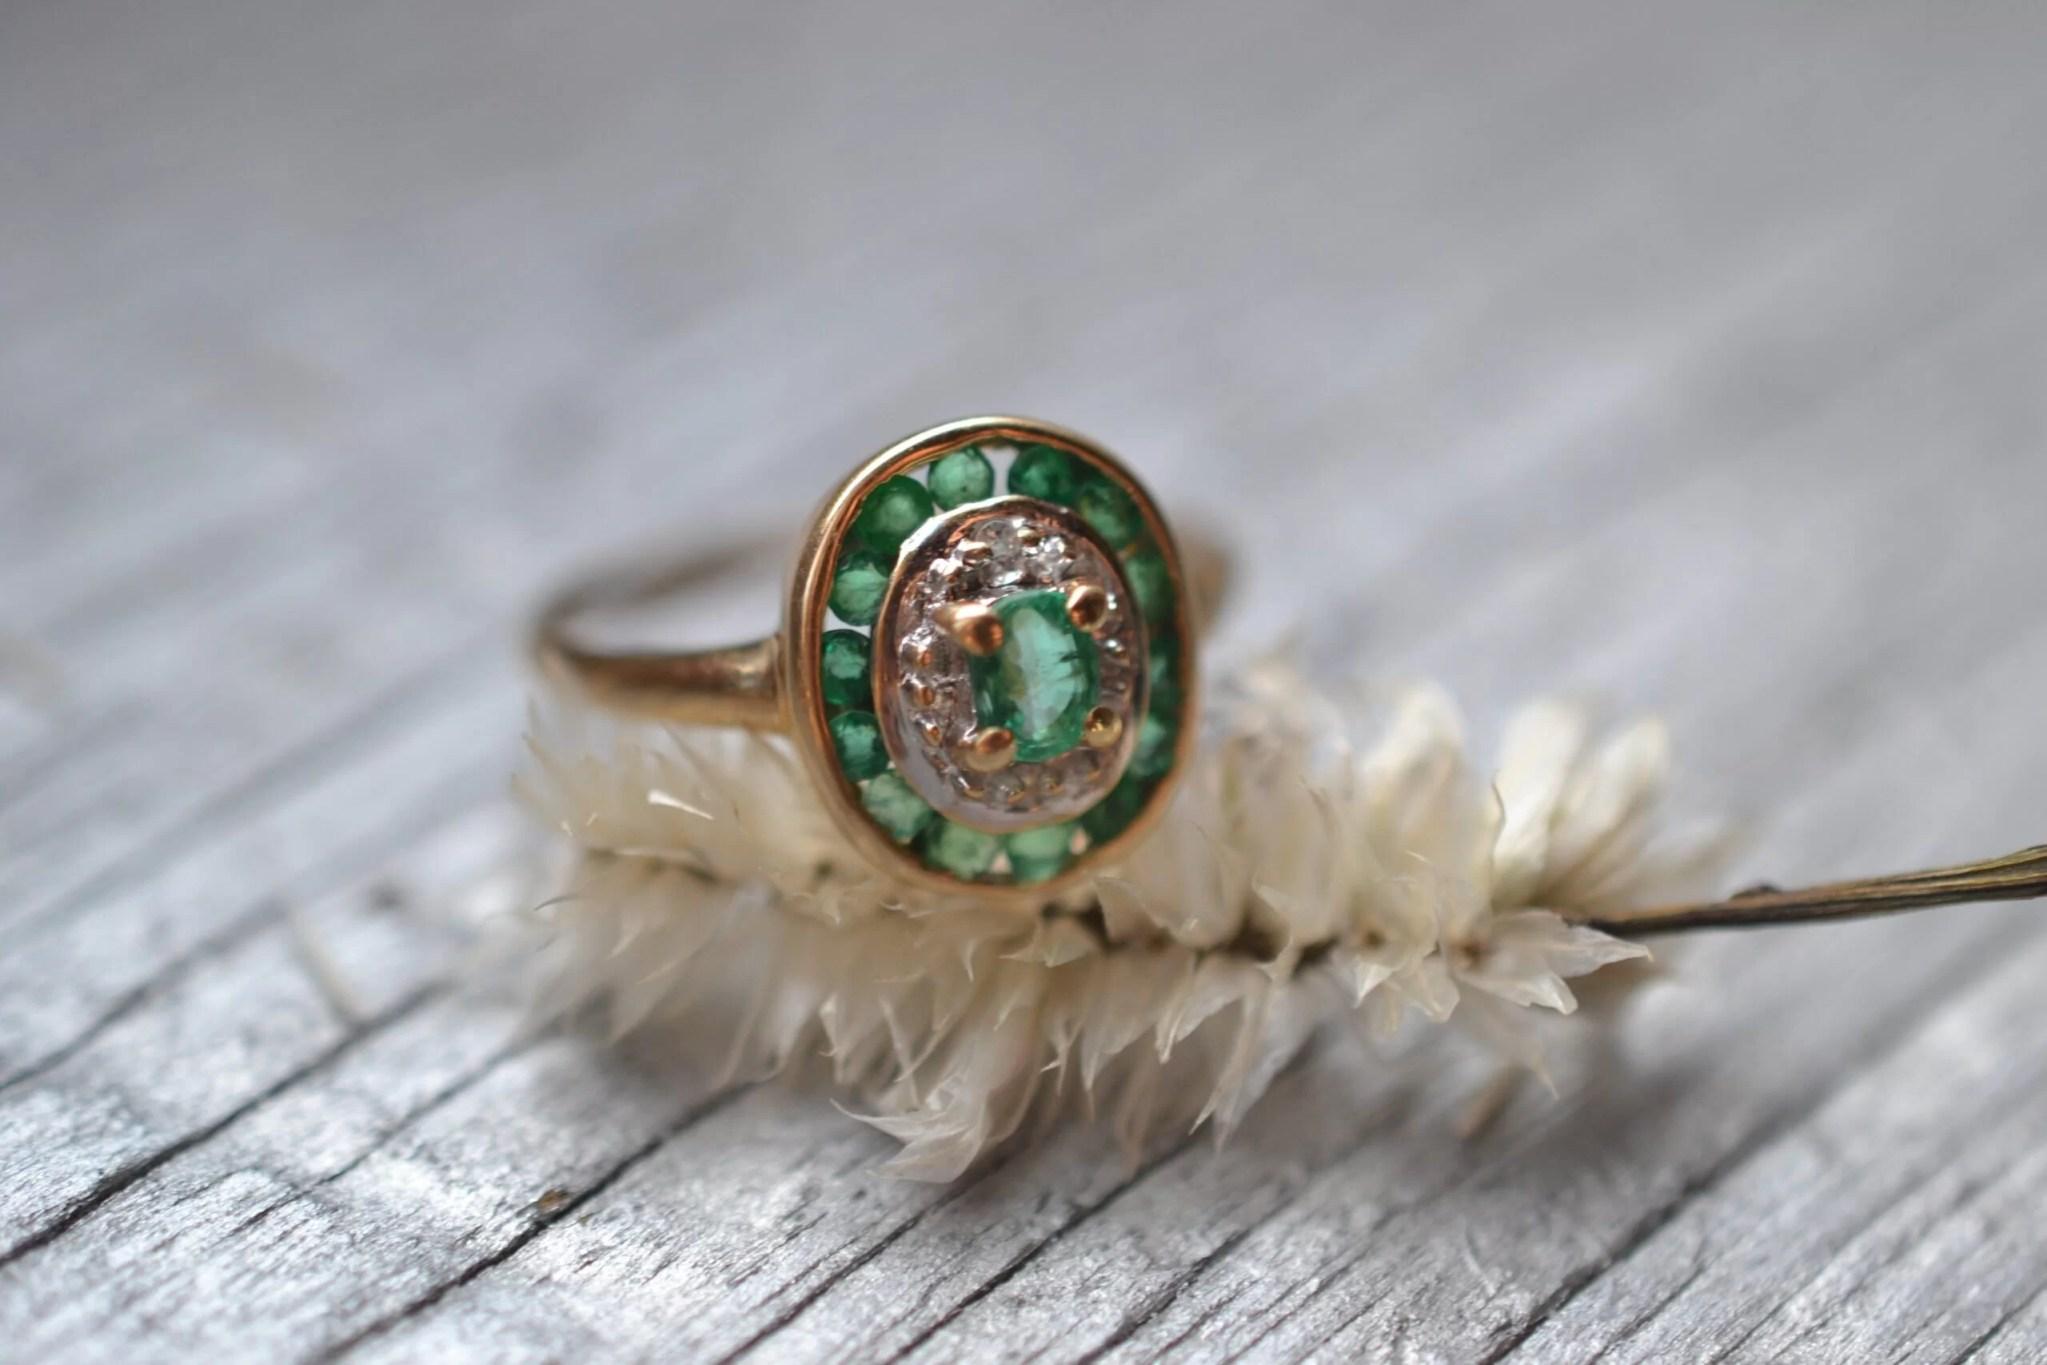 bague ancienne vintage émeraude - Or 18 carats - bijou durable occasion responsable fiançailles mariage